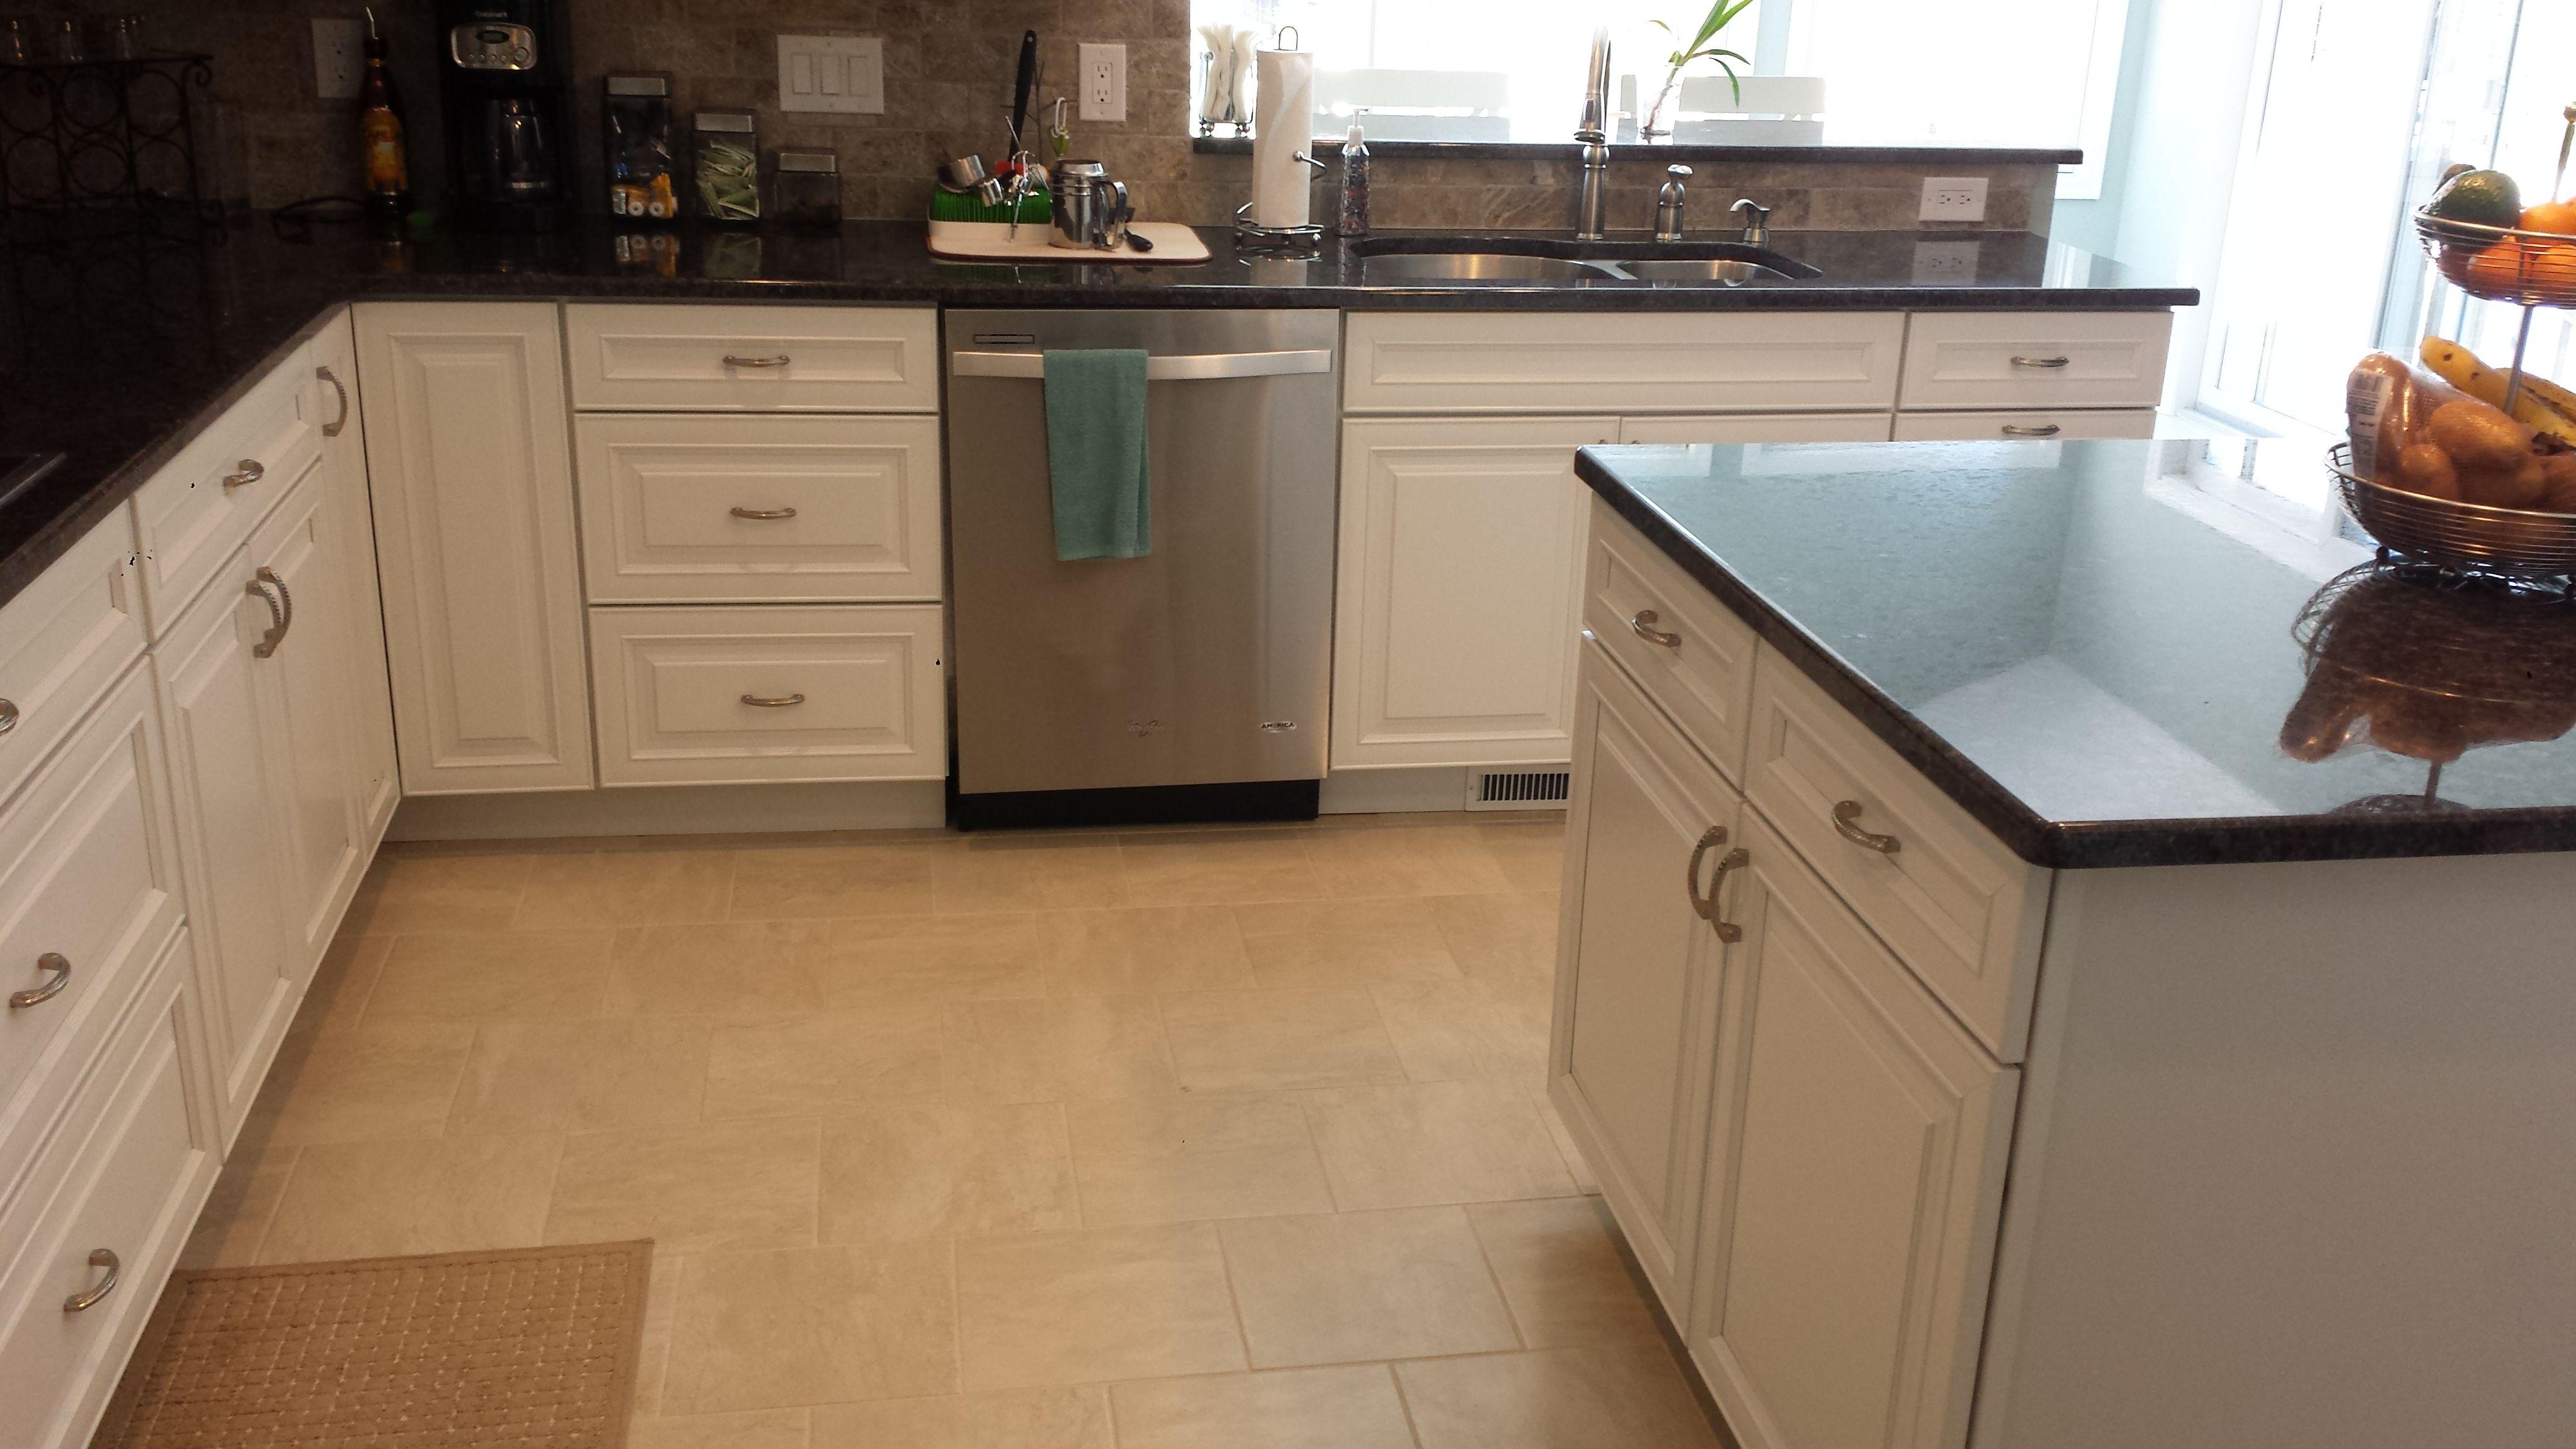 Superior Streater Kitchen Designed By Thomas Matteo #kitchen #kraftmaid #cabinets  #dishwasher #granite